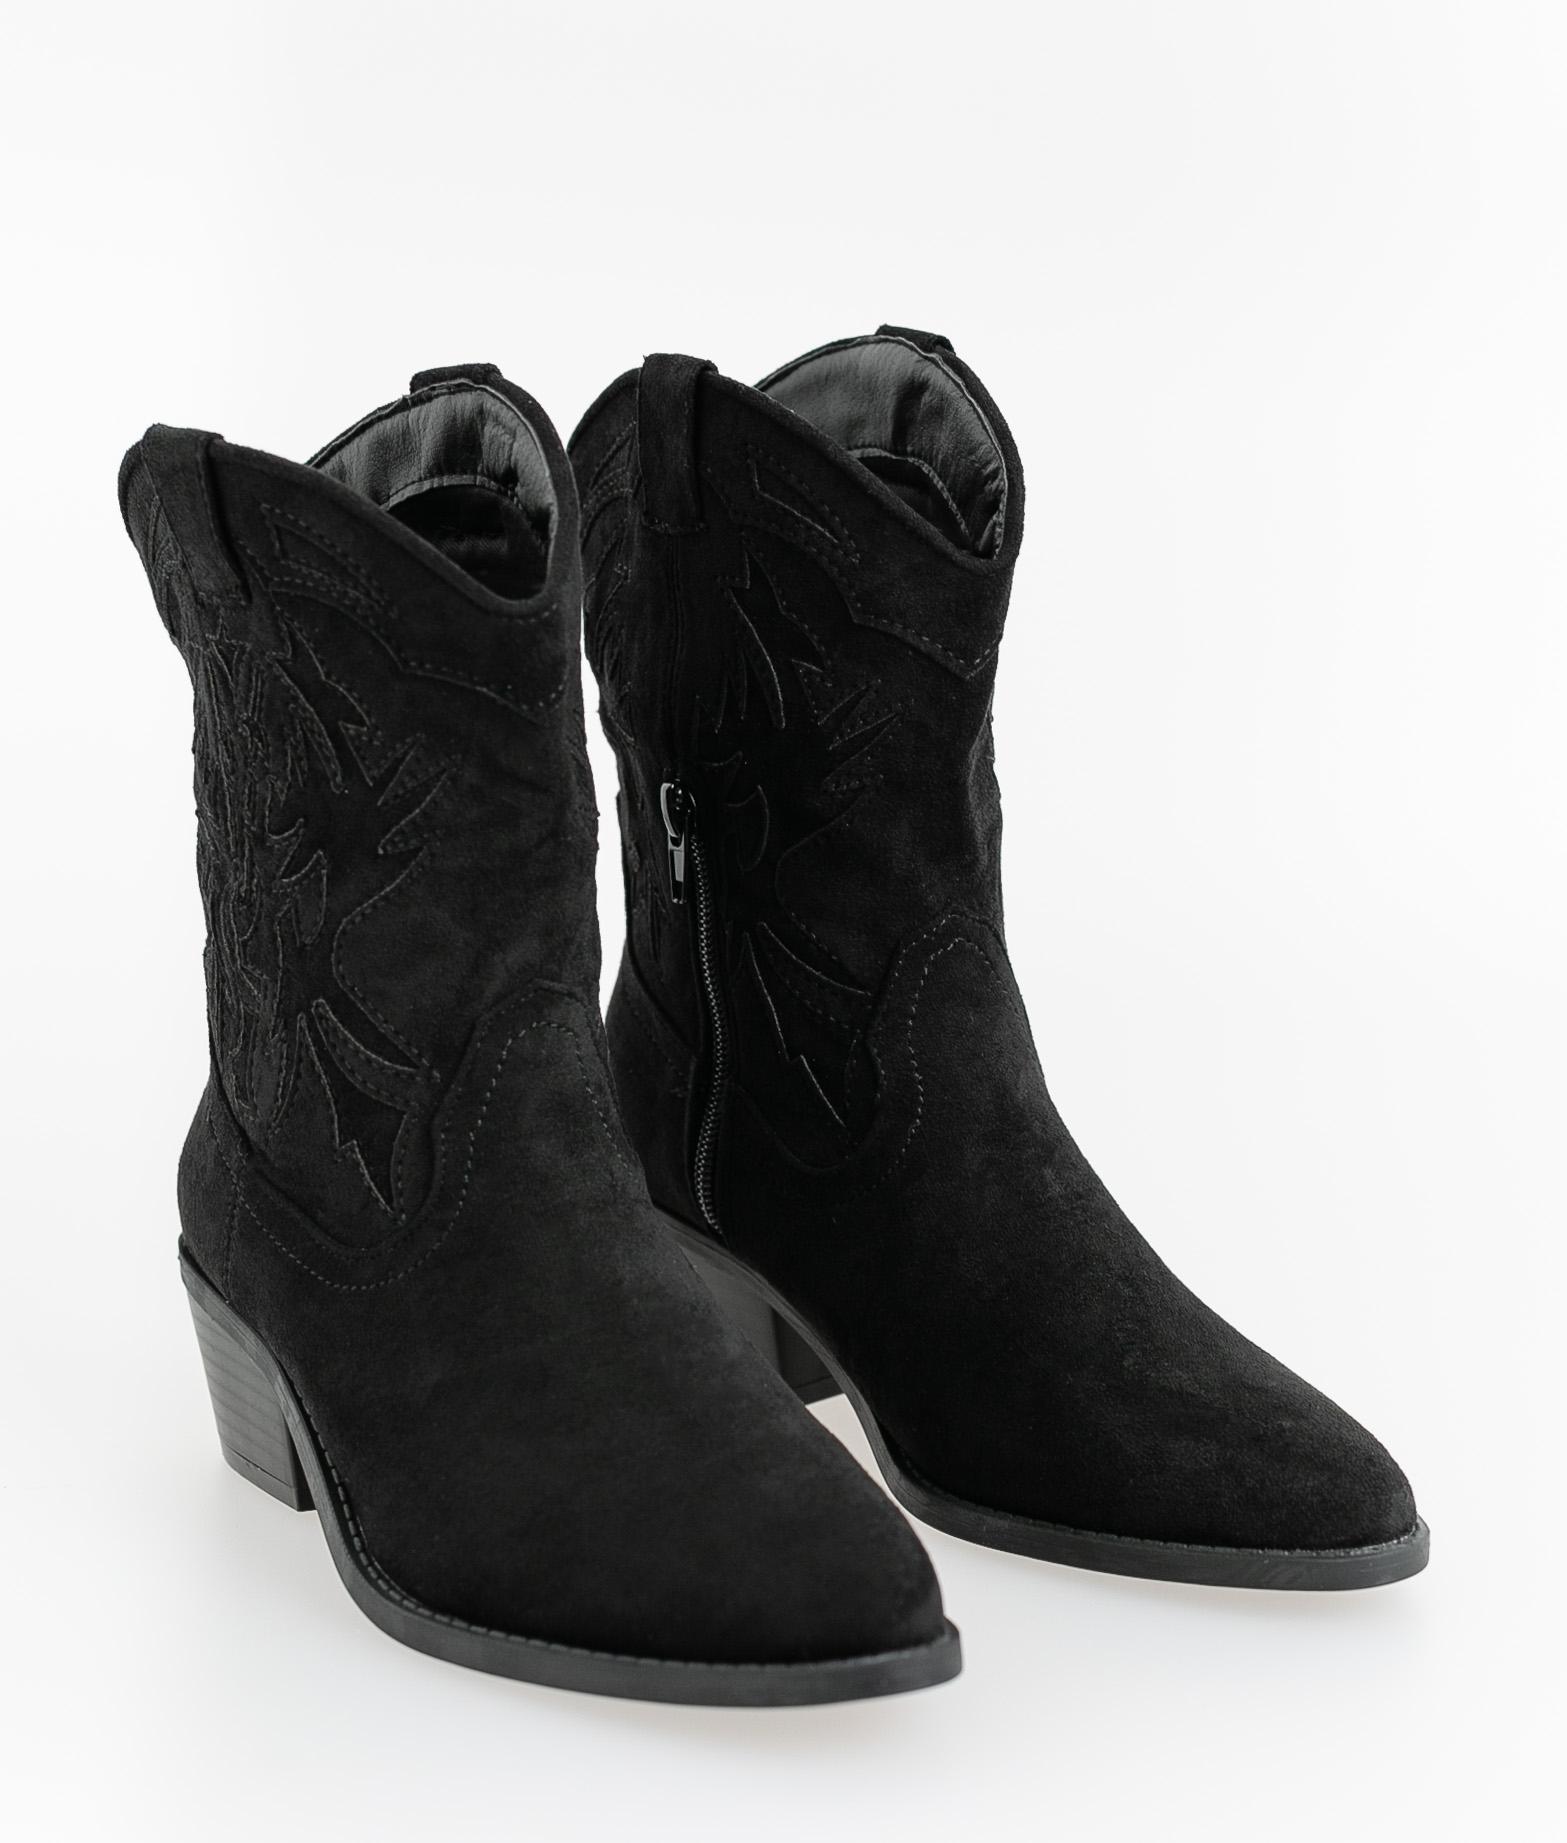 Narobi Low Boot - Black